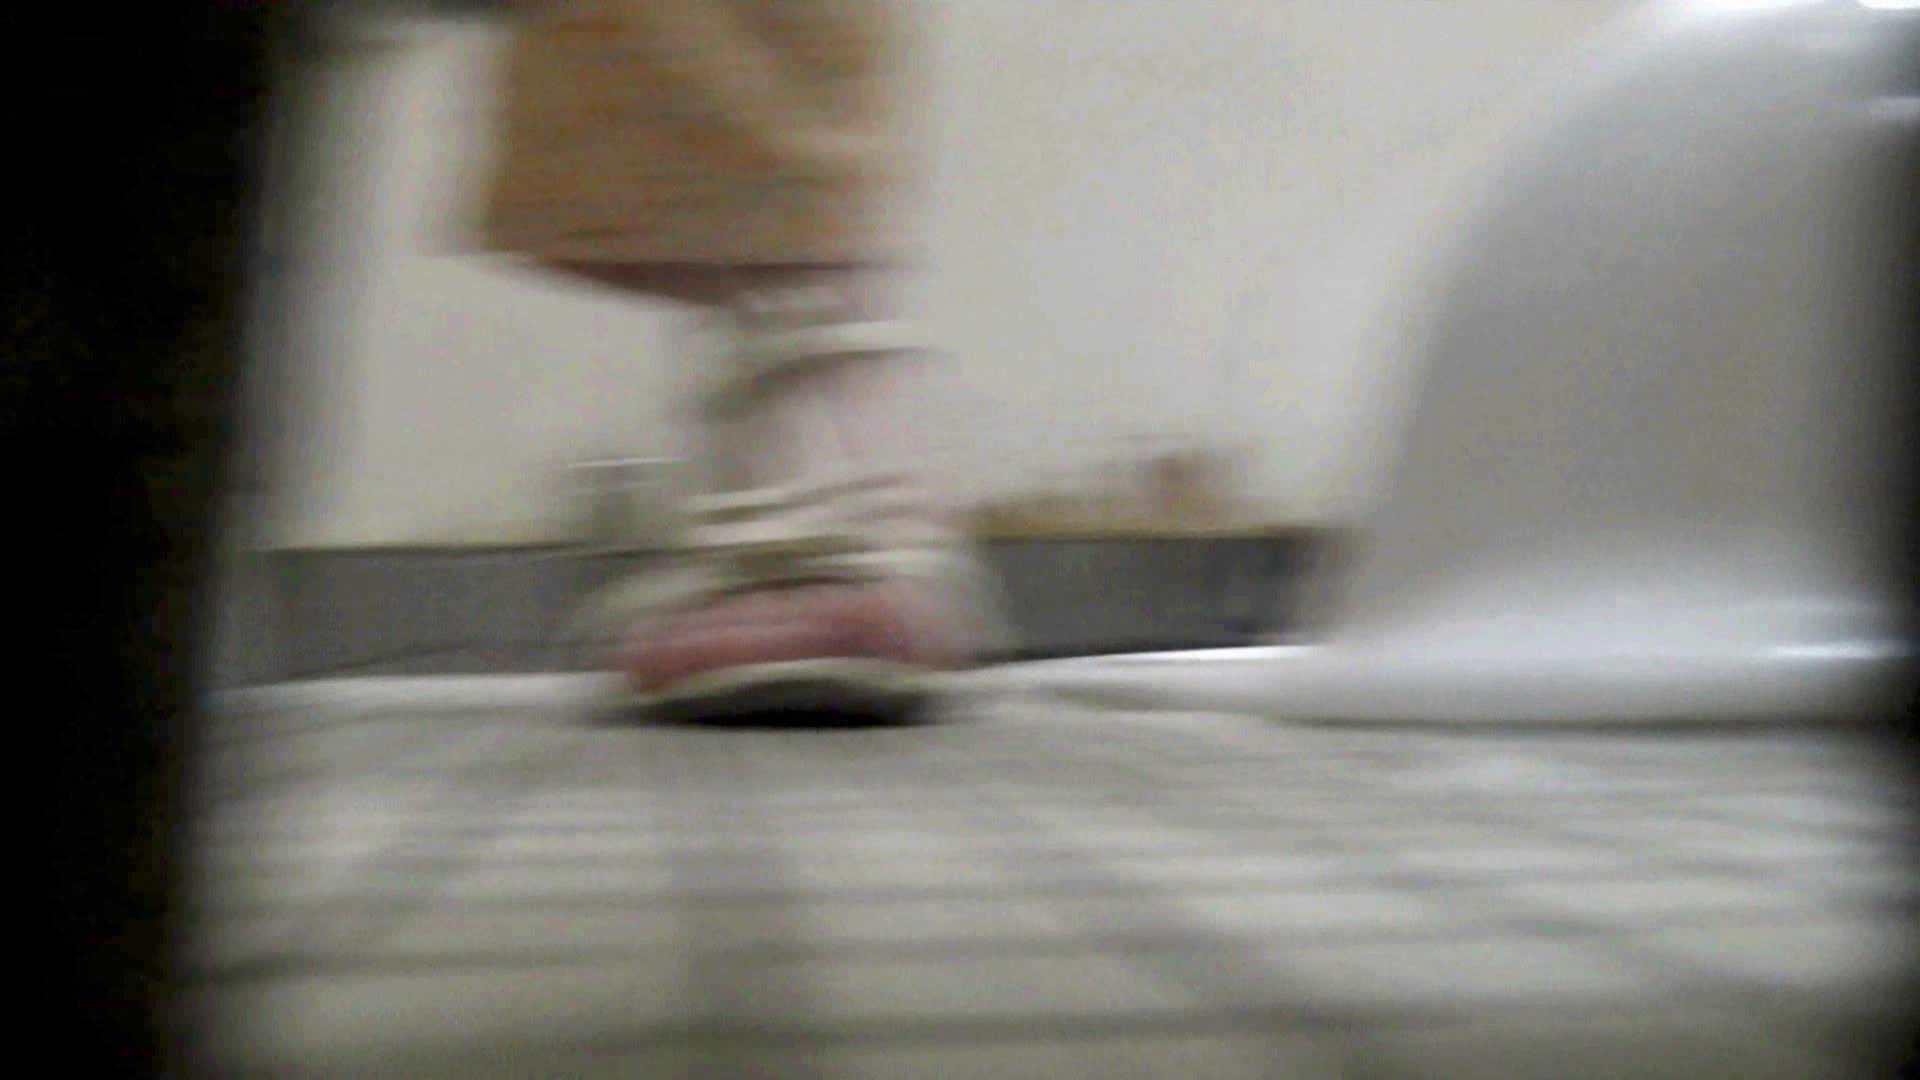 洗面所特攻隊 vol.74 last 2総勢16名激撮【2015・29位】 洗面所 | エッチすぎるOL達  105連発 19